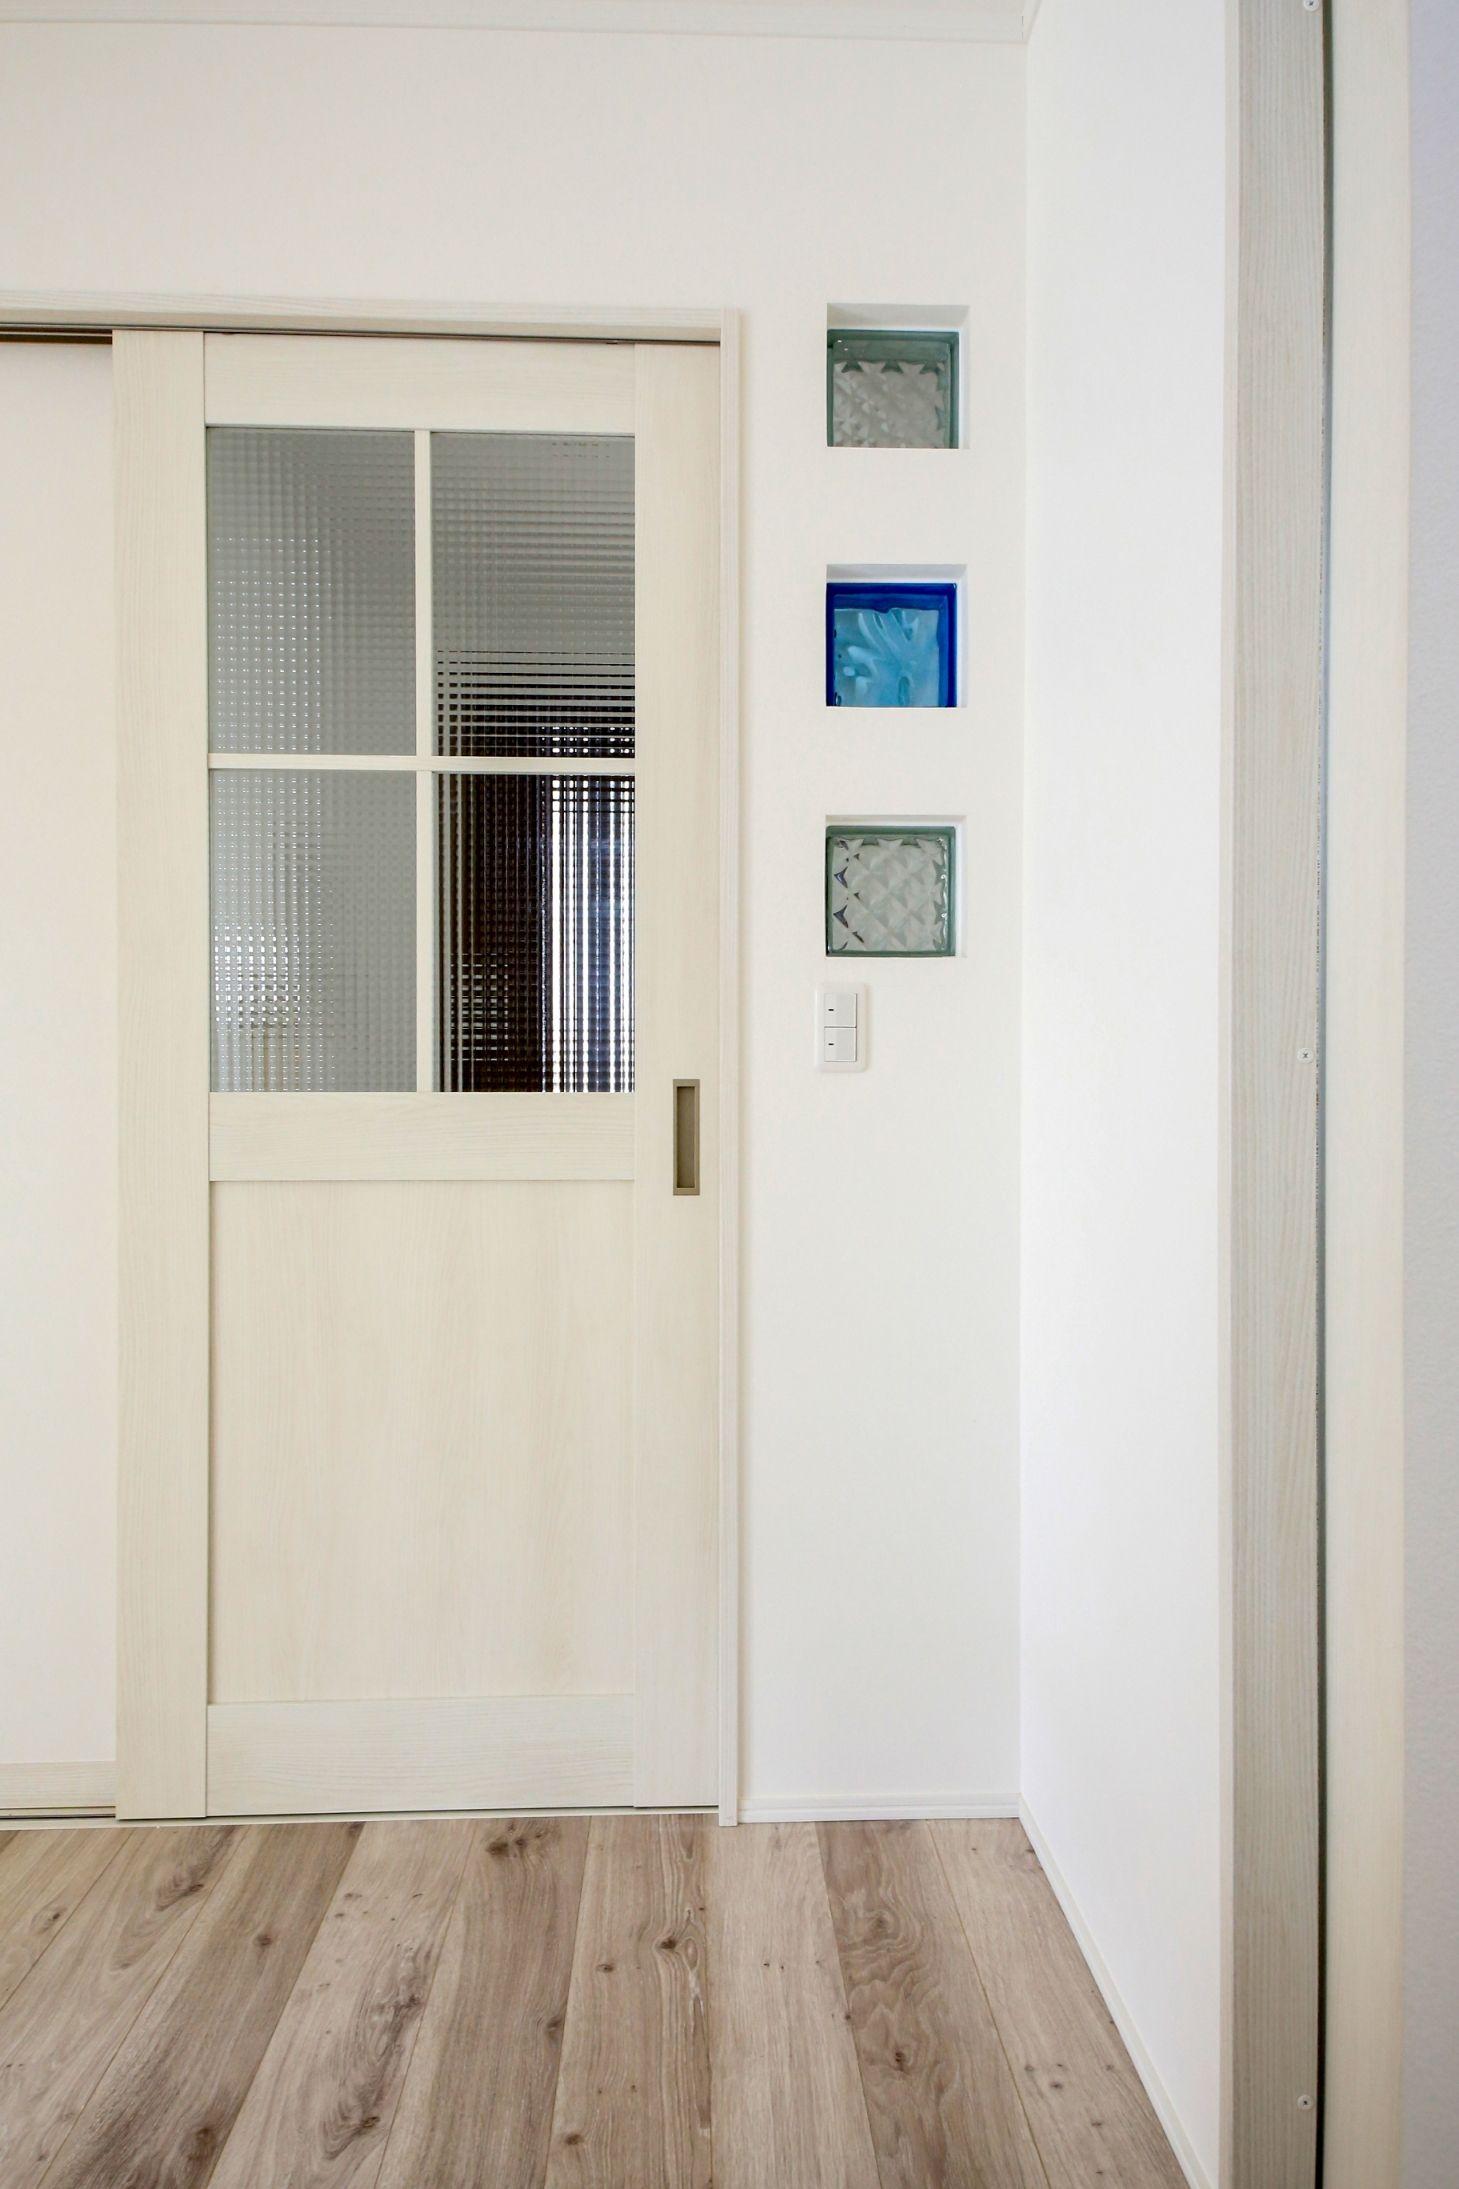 格子付きのガラス戸でかわいい印象に ドア横のガラスブロックが